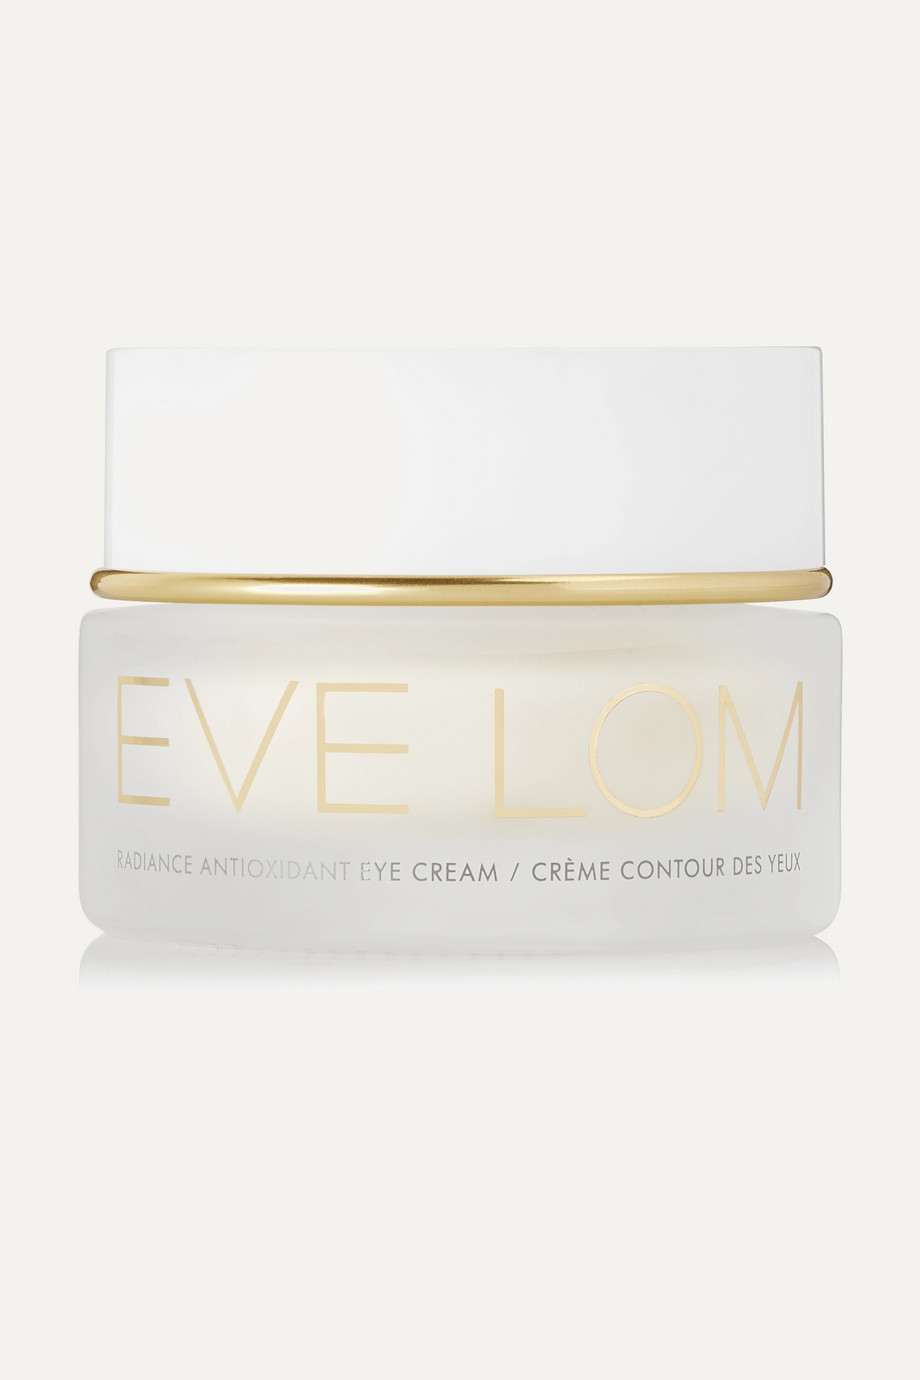 Eve Lom Radiance Antioxidant Eye Cream, 15 ml – Augencreme